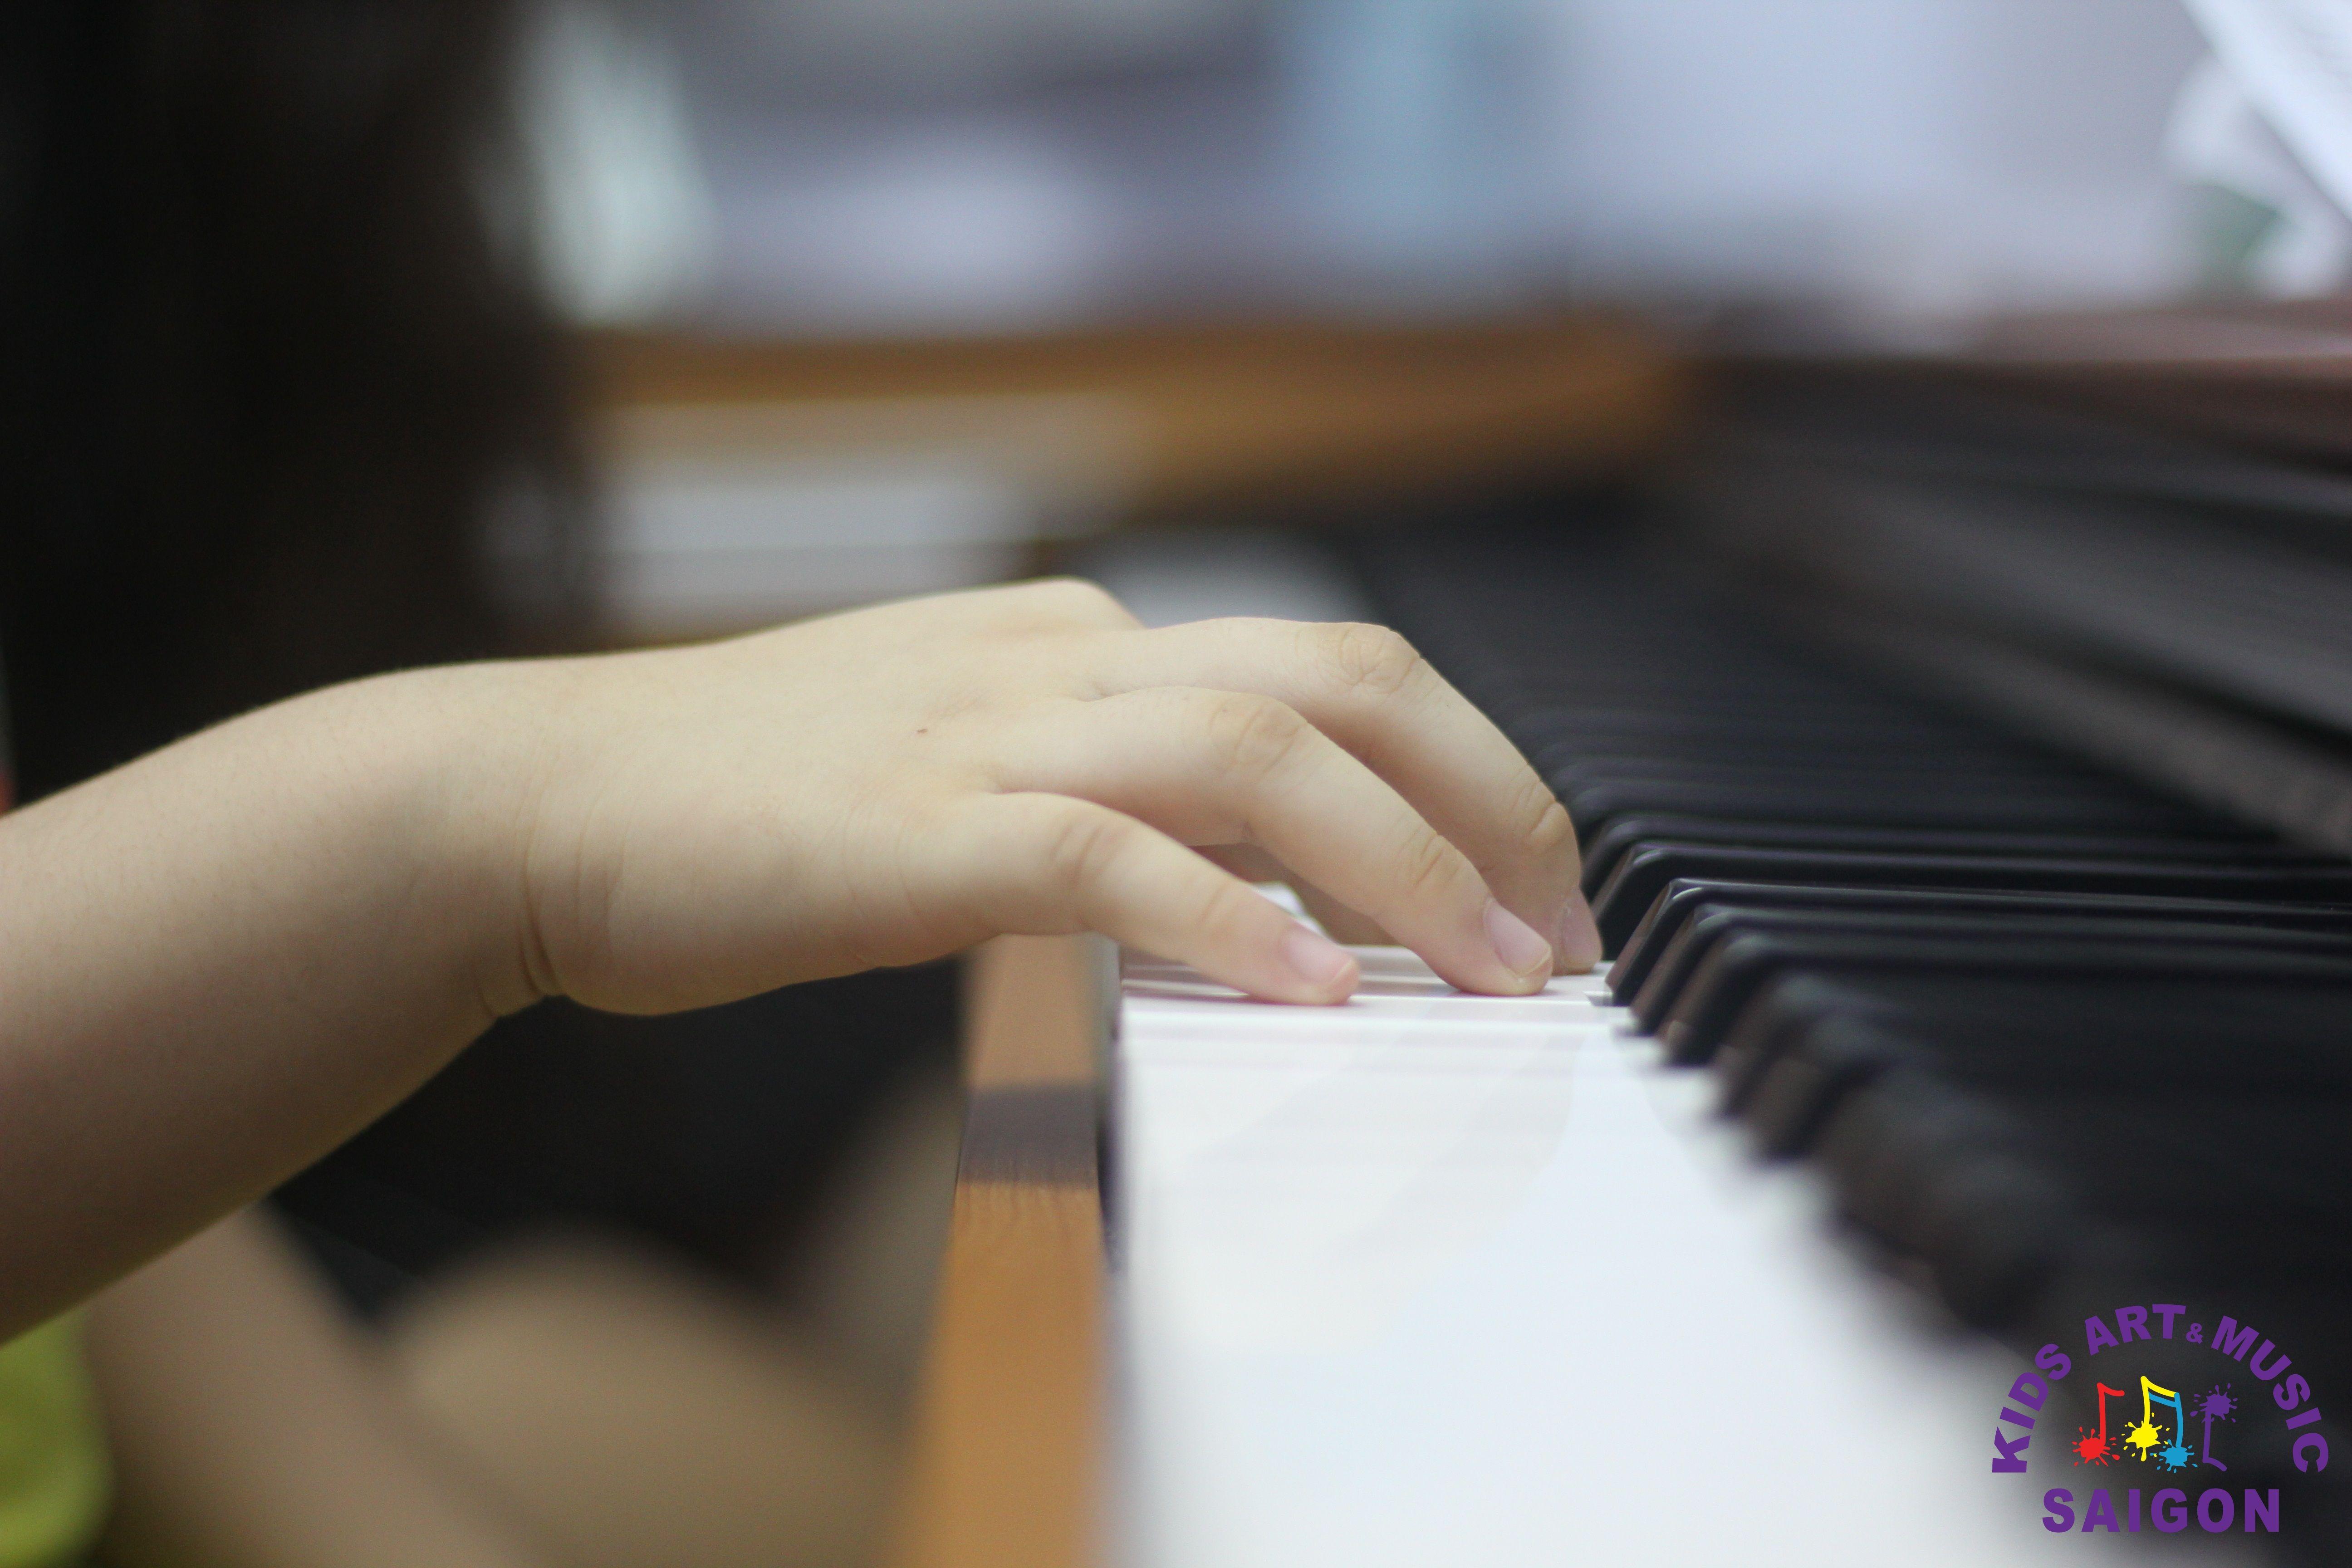 Học đàn Piano cho bé, làm thế nào để tìm được lớp chất lượng? hình ảnh 3